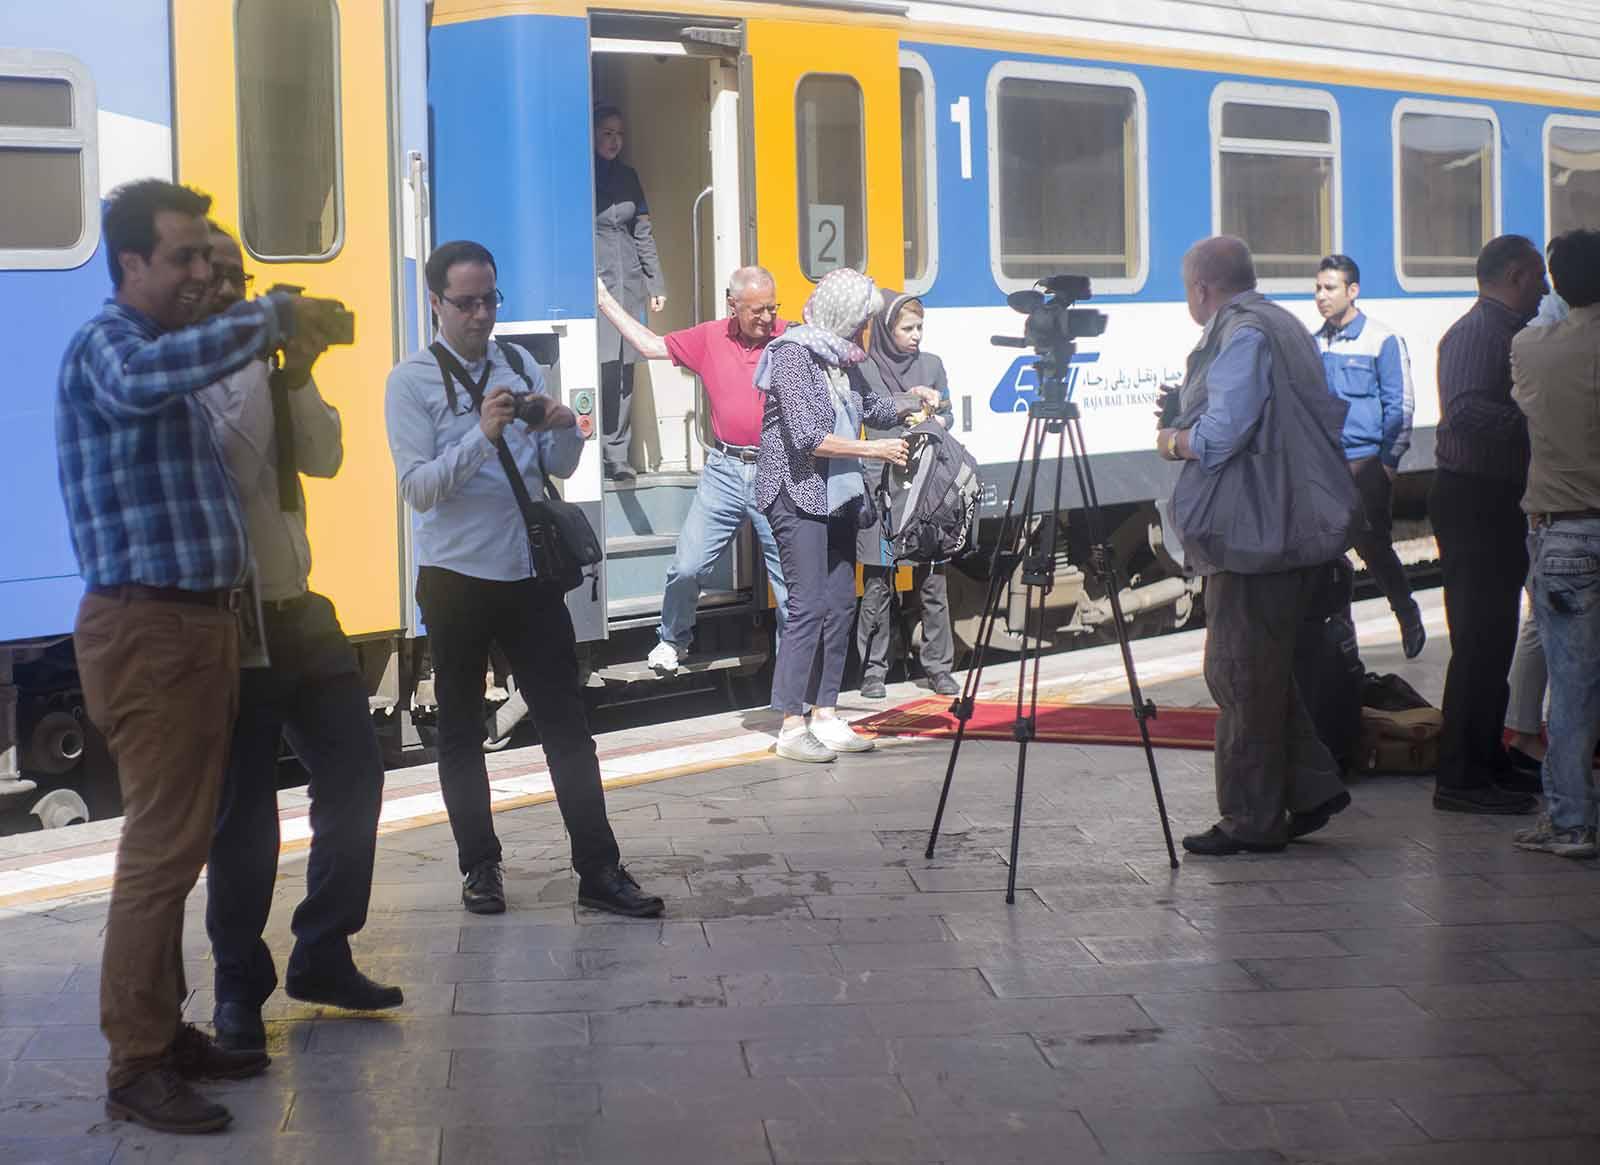 Empfang am Bahnhof